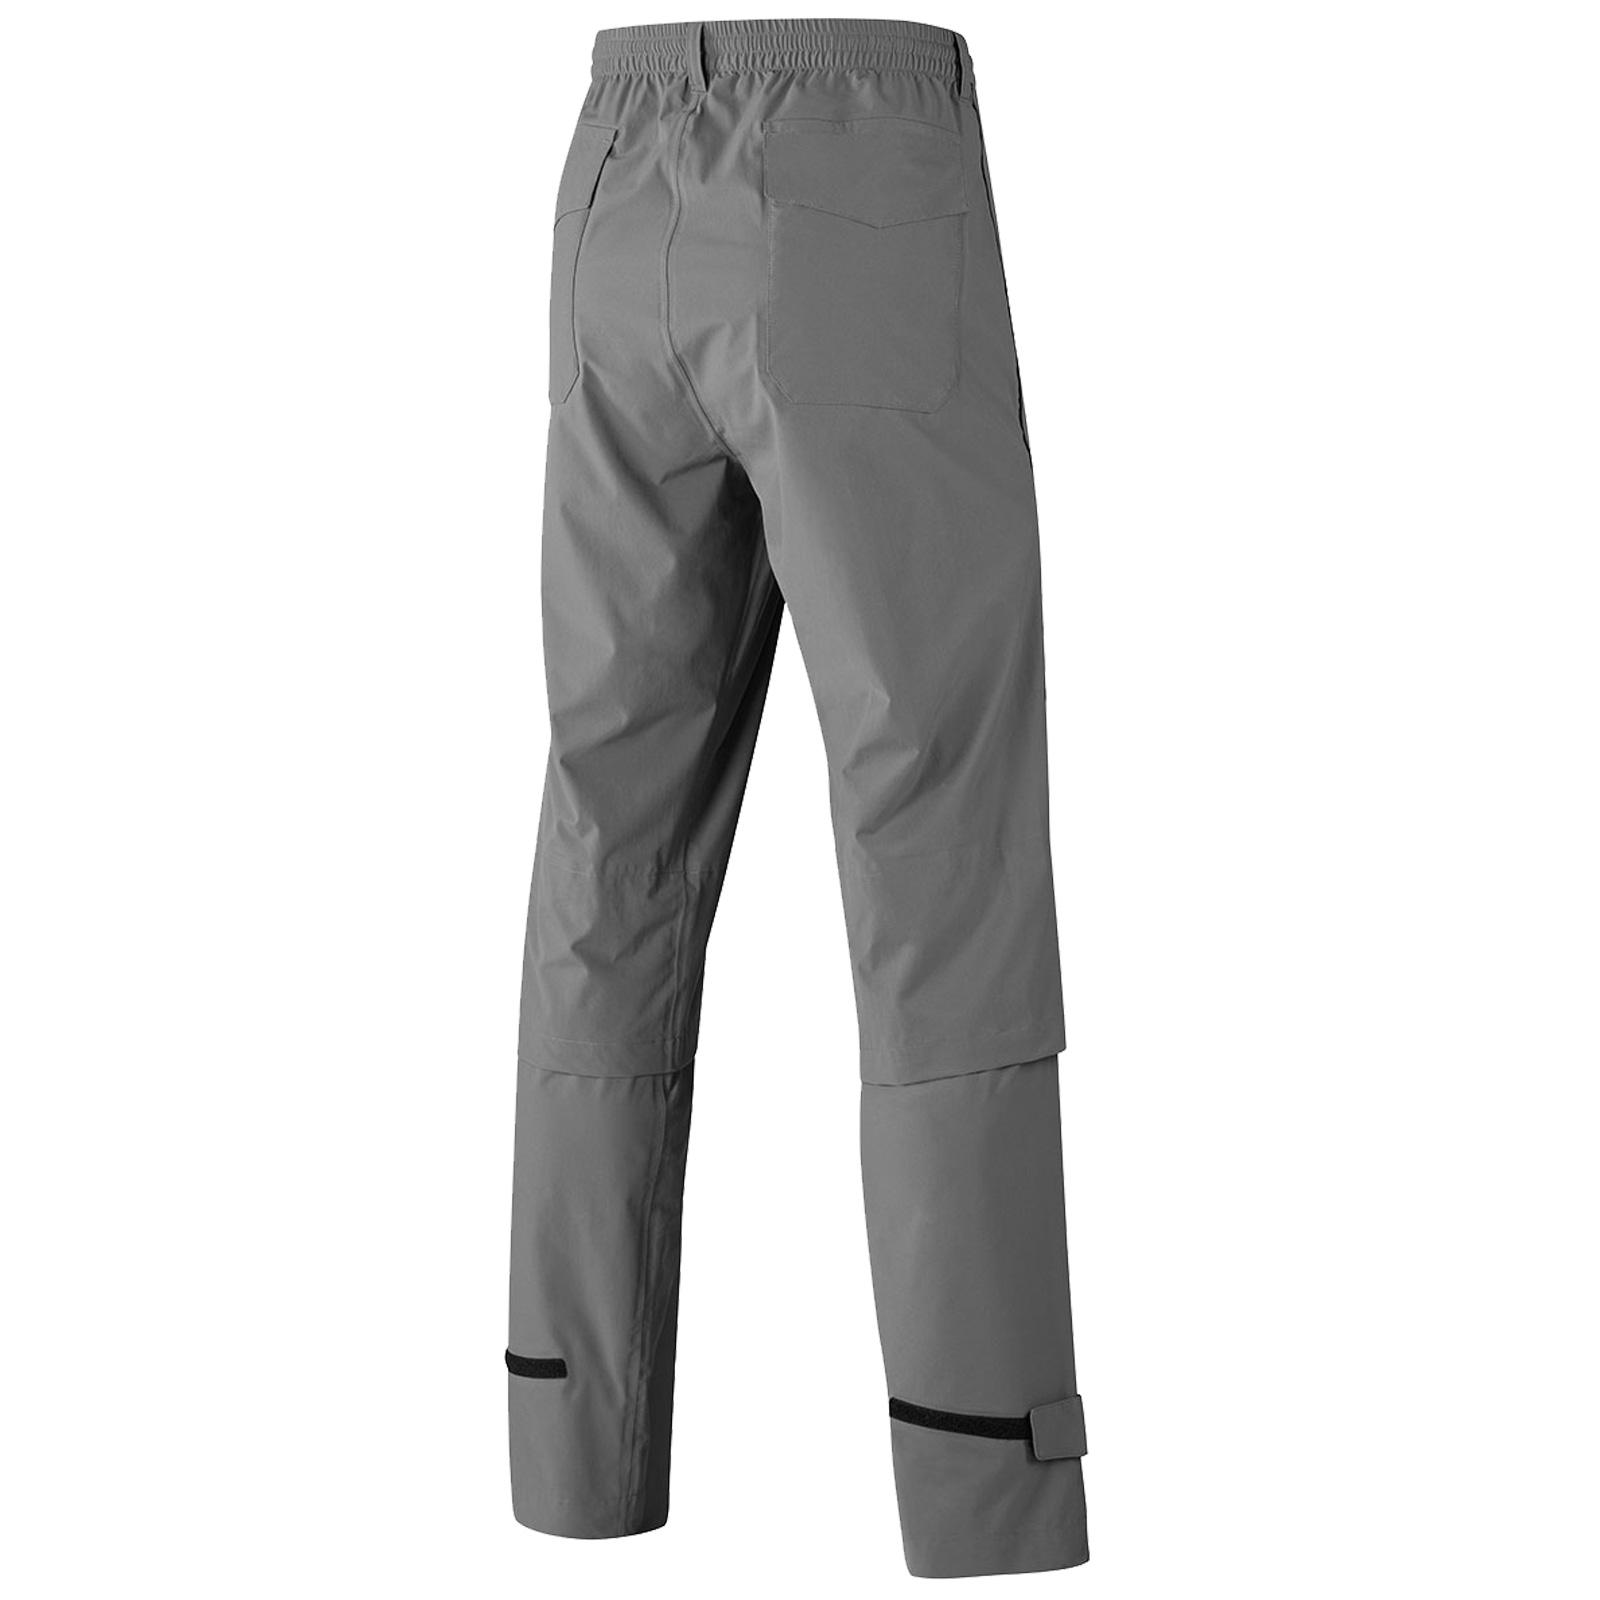 MIZUNO-Uomo-Impermalite-F20-Impermeabile-Pioggia-Pantaloni-Leggero-Pantalone-Da-Golf miniatura 7